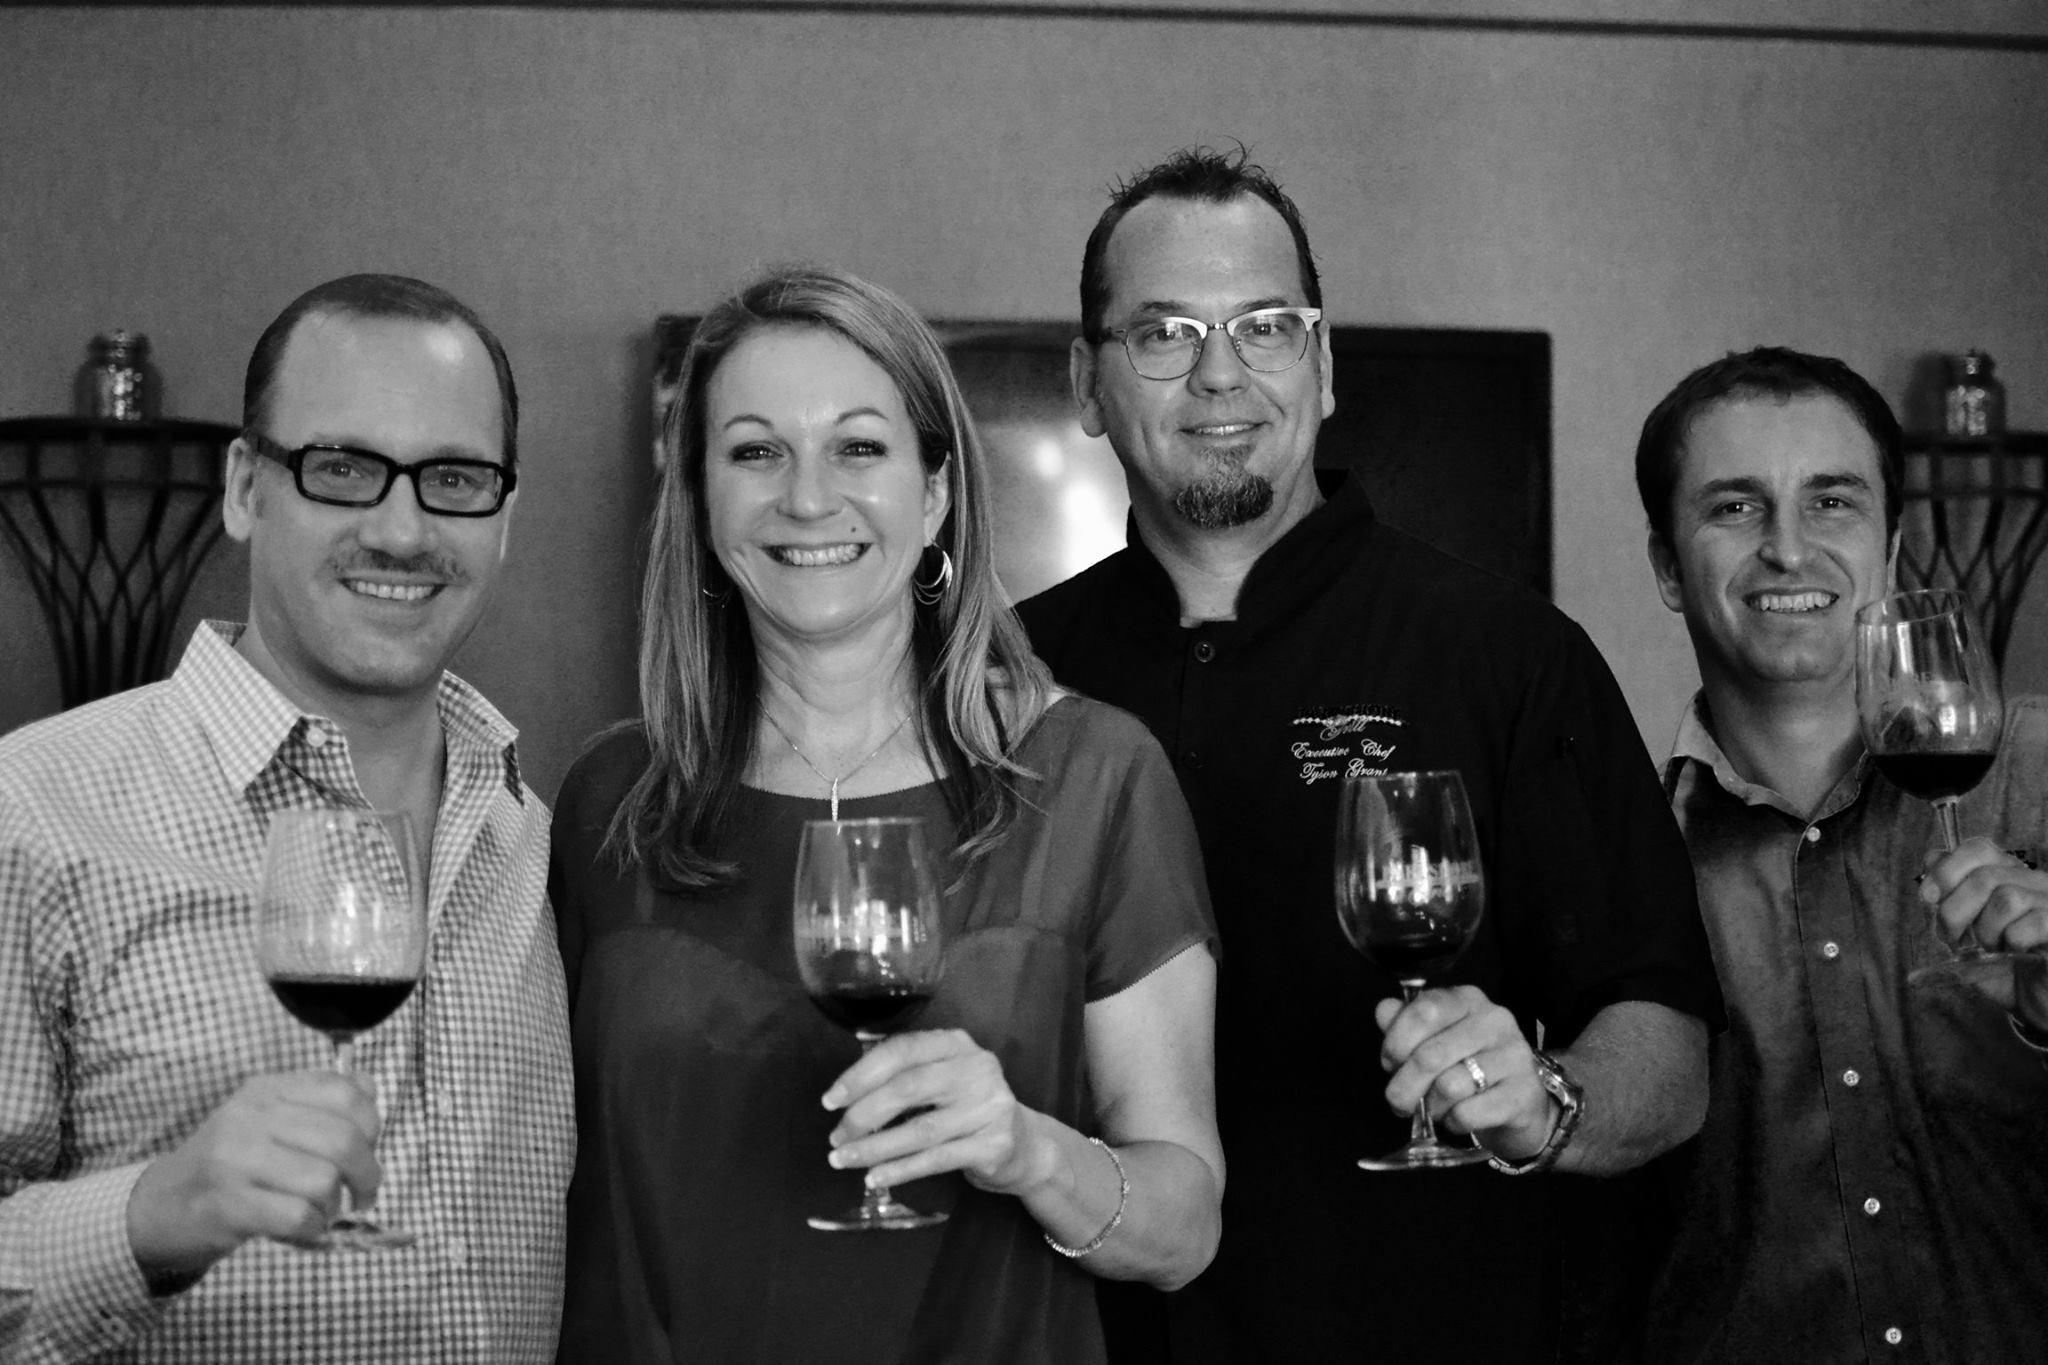 L-R: Kevin Godbee, Lori Brown, Chef Tyson Grant, Albi